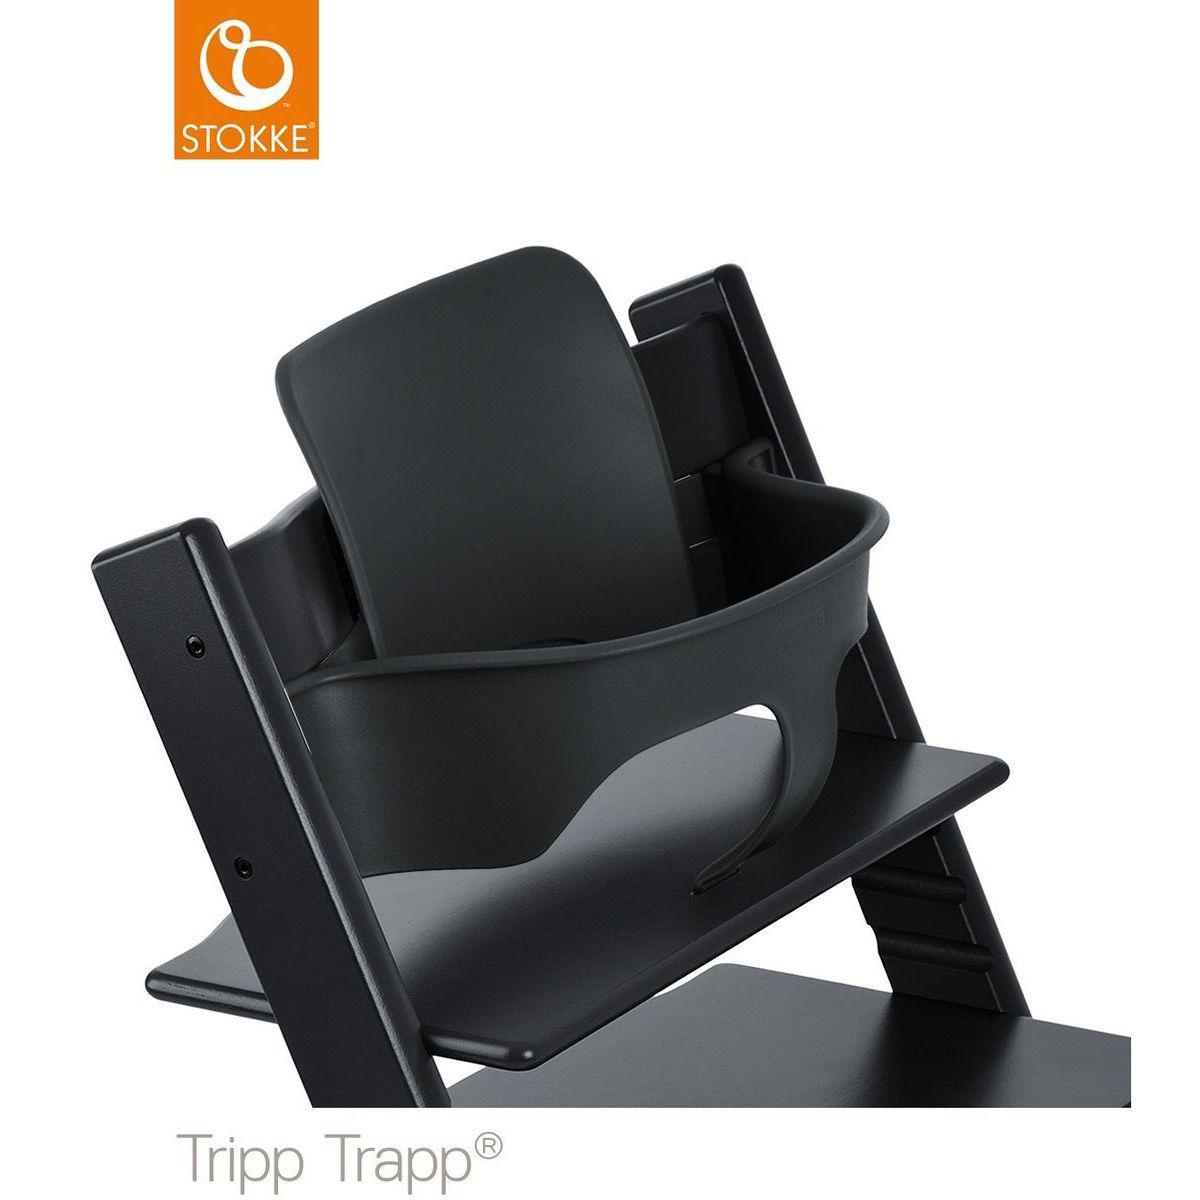 Chaise haute TRIPP TRAPP Stokke noir